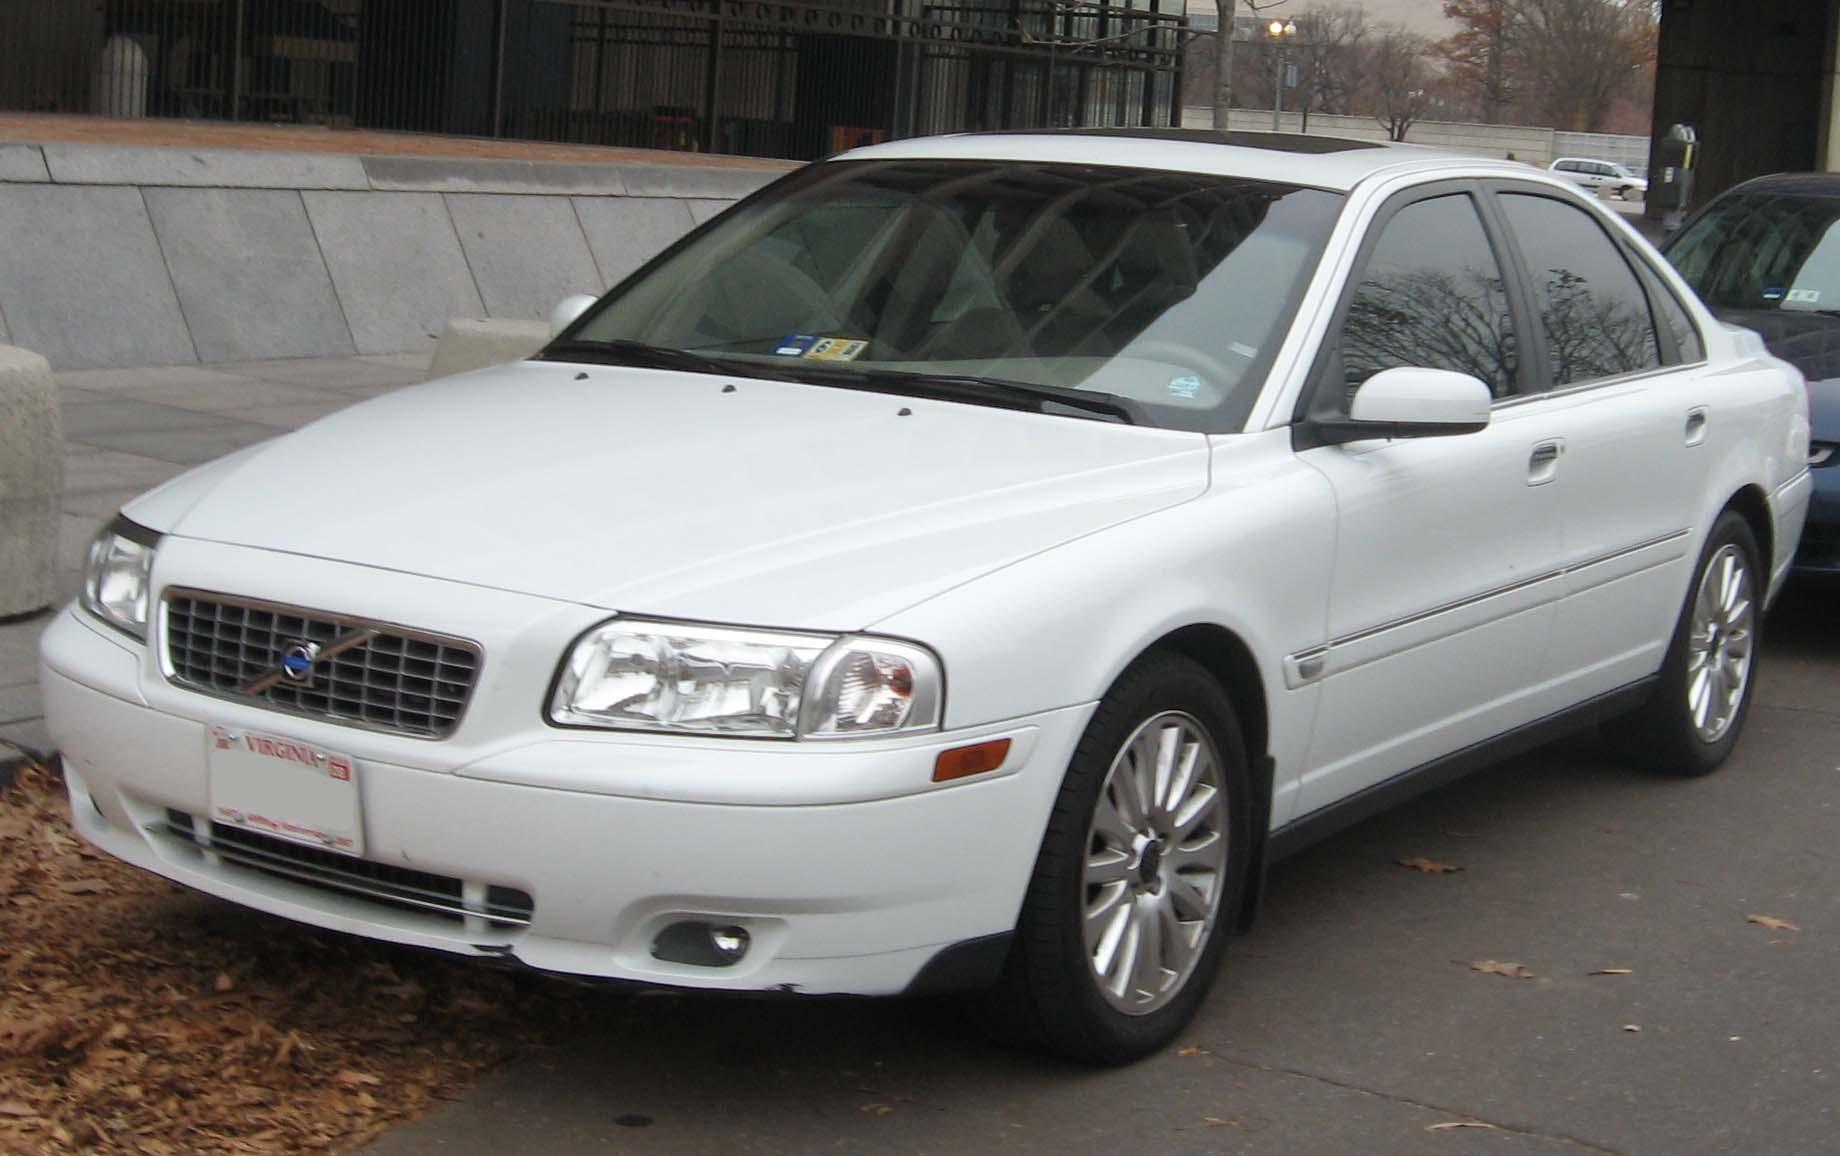 2002 Volvo S40 19 Turbo